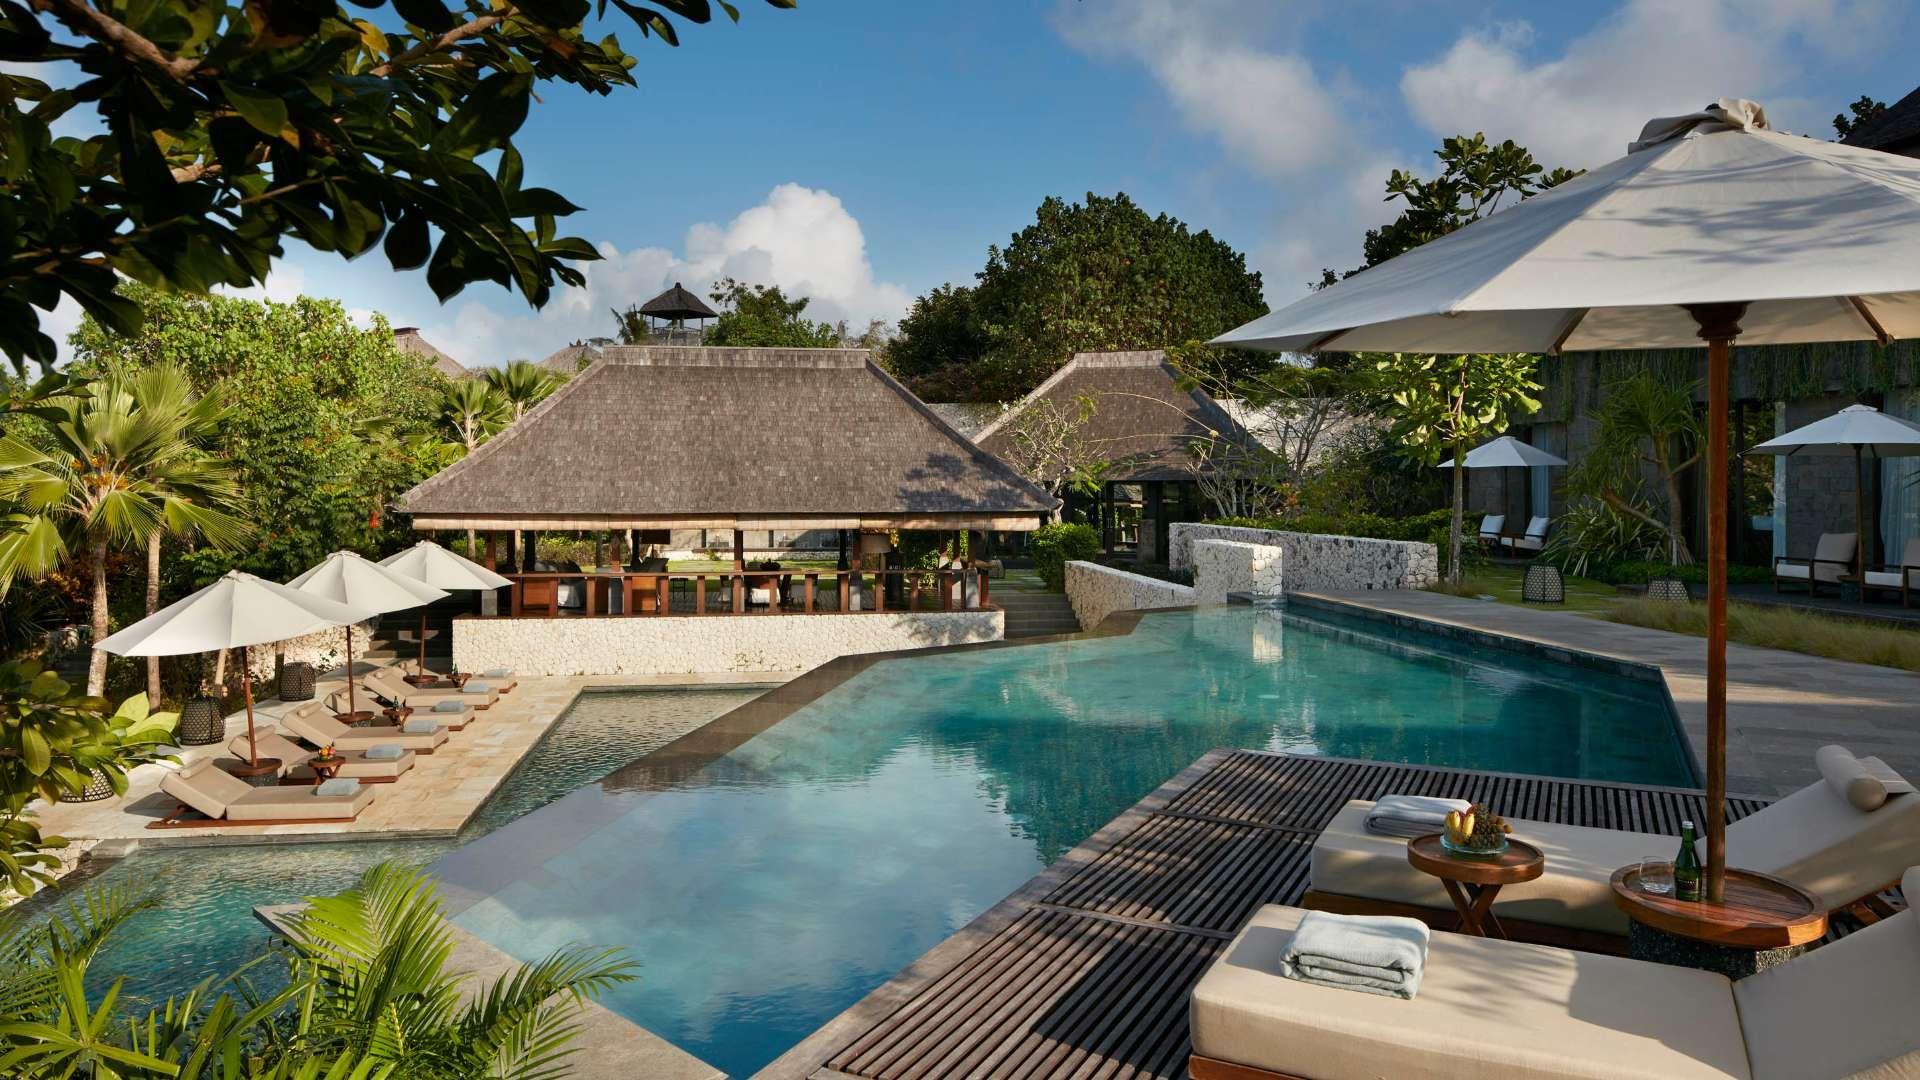 这家巴厘岛宝格丽为意大利珠宝品牌宝格丽全球第二家酒店,也是金巴兰